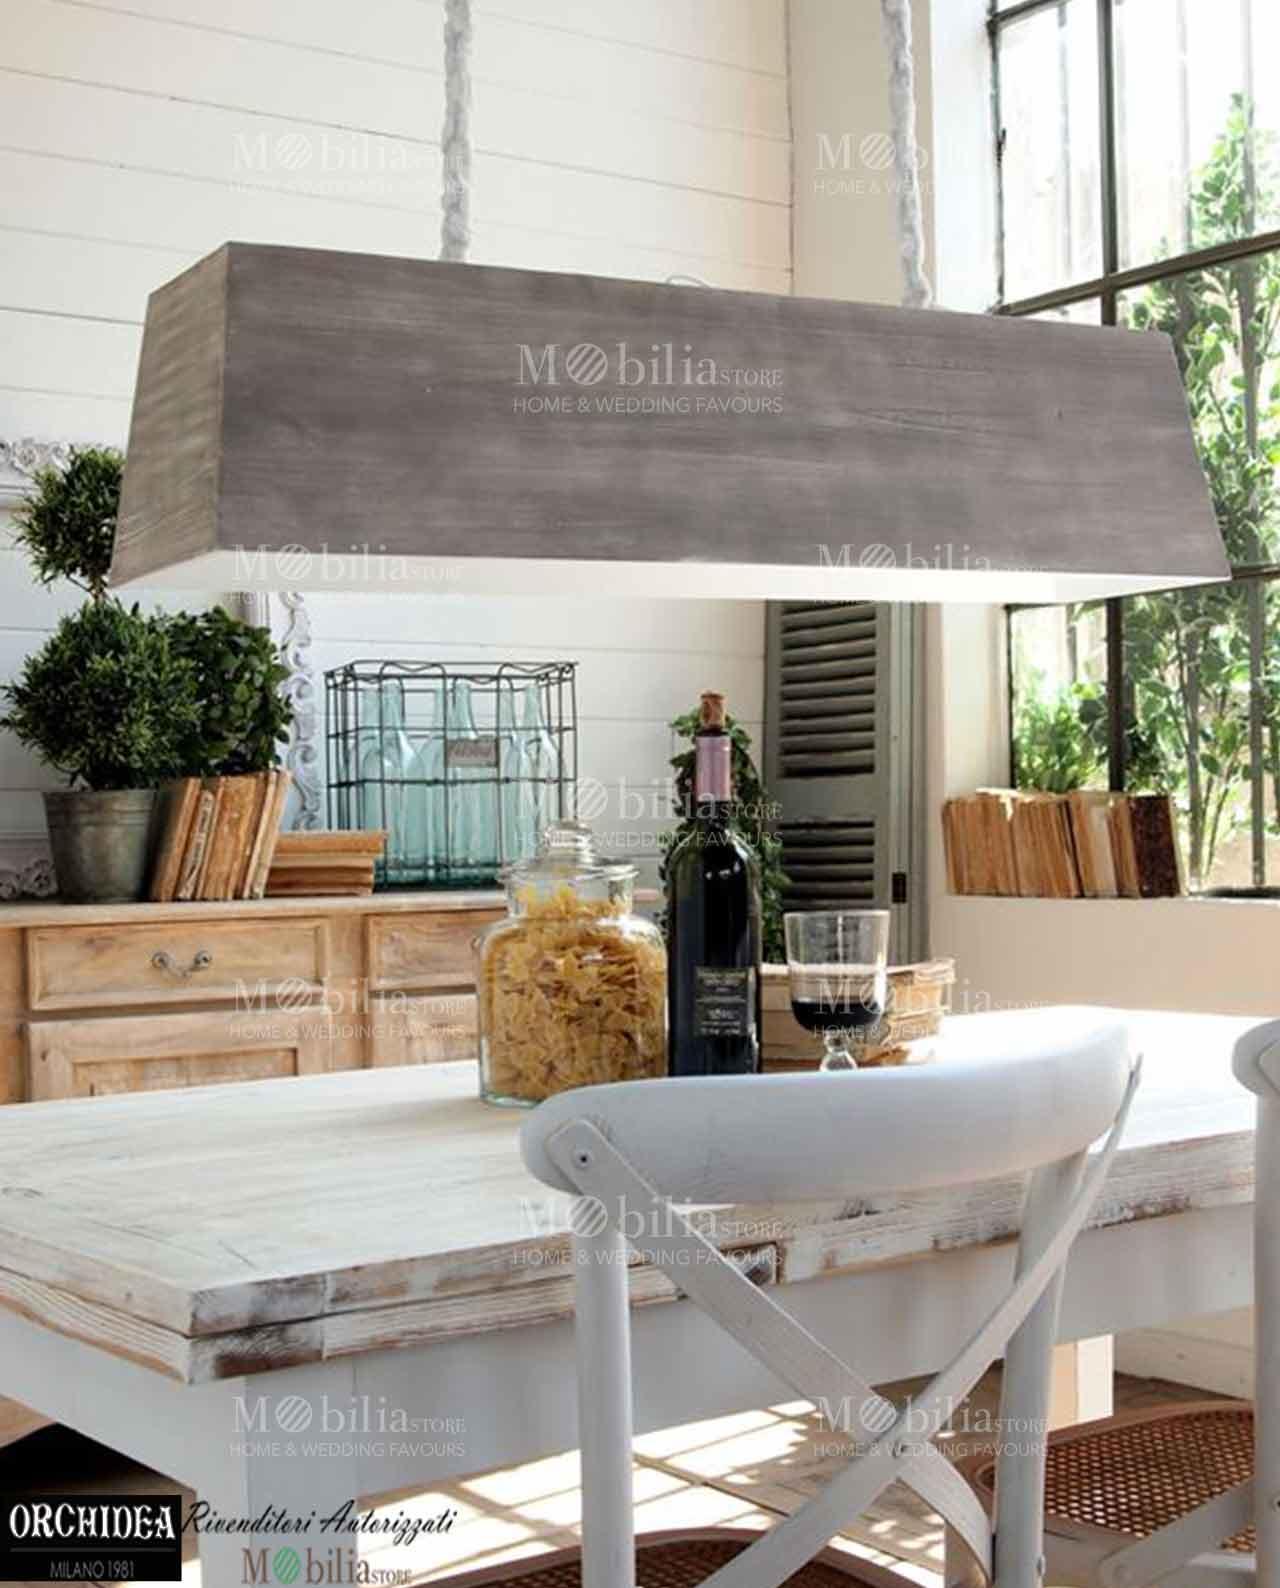 lampadario stile country : ... Shop / Idea Regalo / Casa / Lampadario sospensione legno stile country